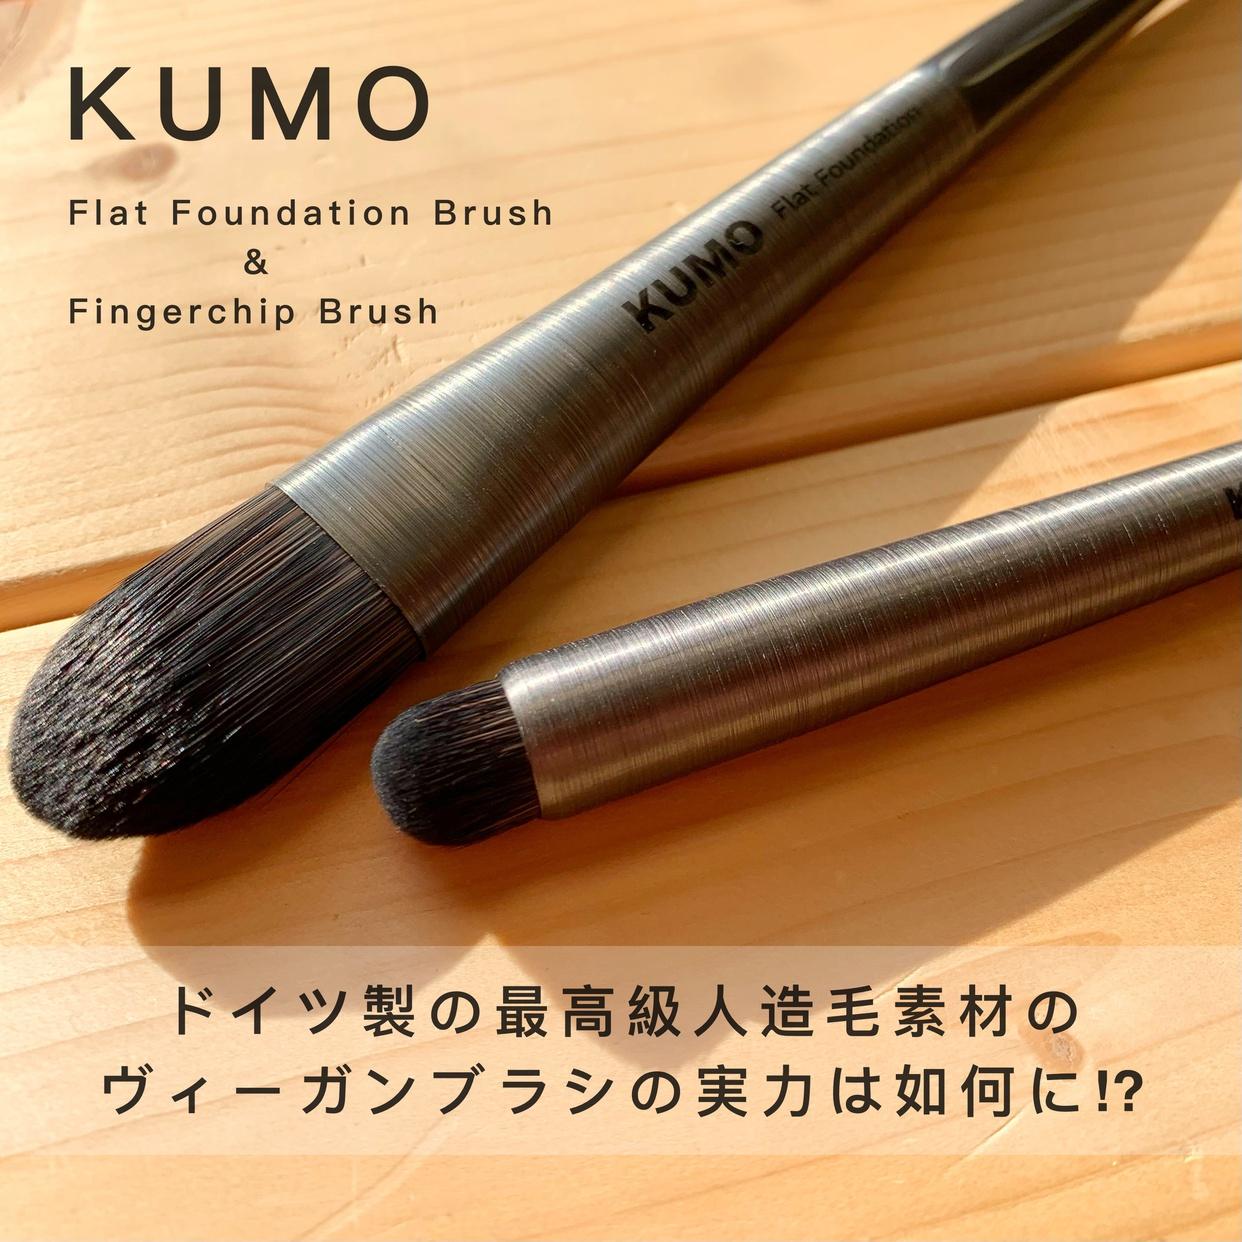 KUMOエキスパートメイクブラシコレクション Fingertipを使ったKeiさんのクチコミ画像1